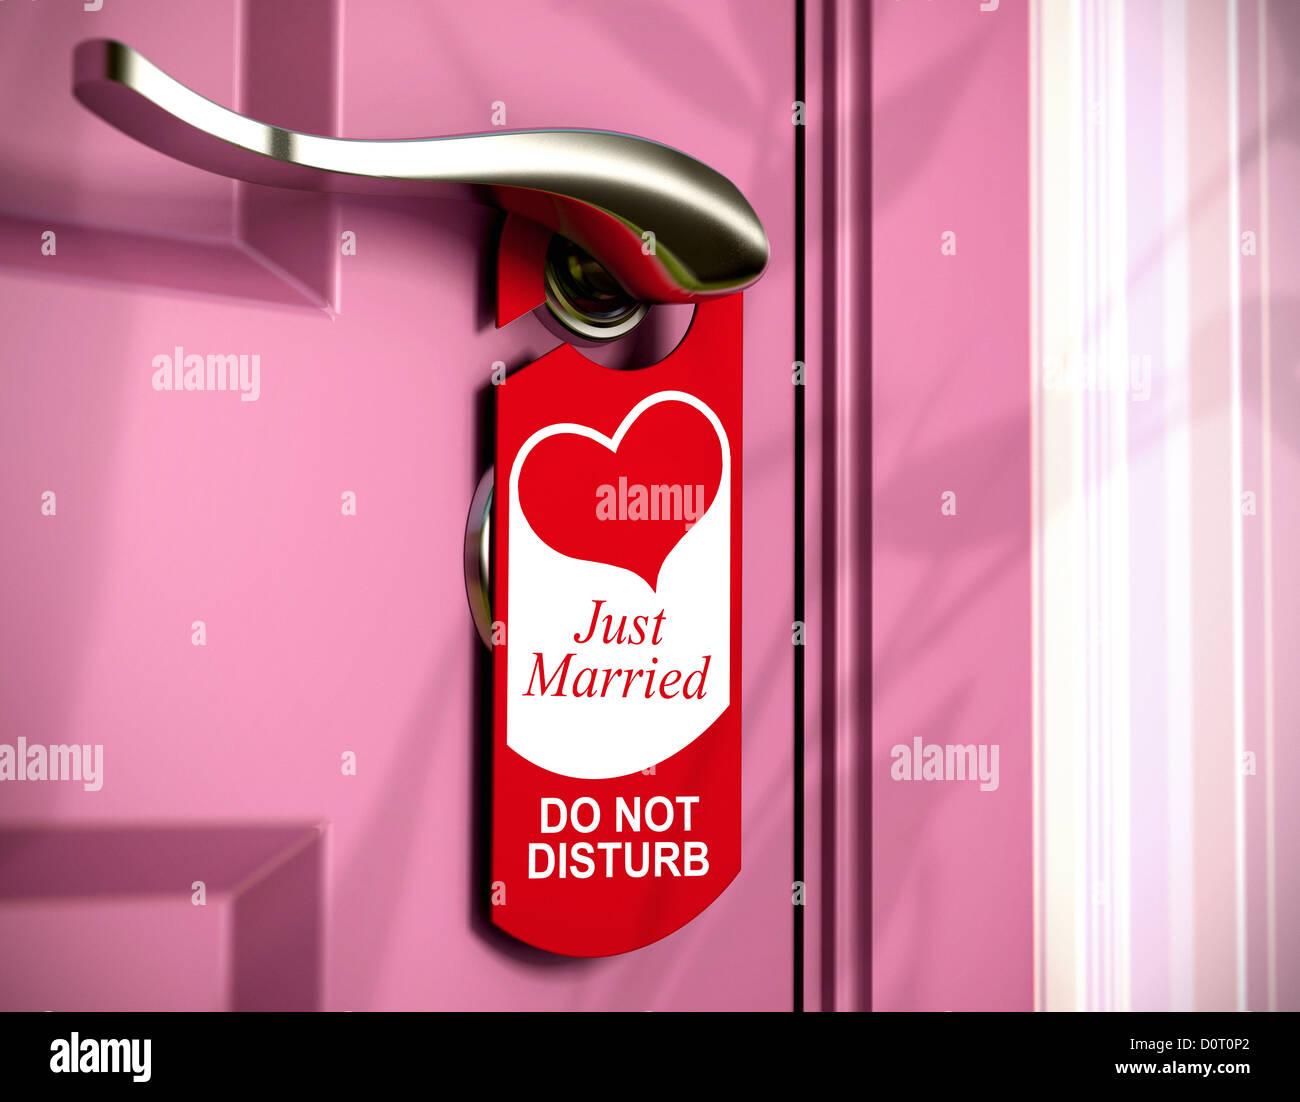 Récemment Mariés écrit sur une affichette de porte rouge, pendu à une poignée en métal Photo Stock